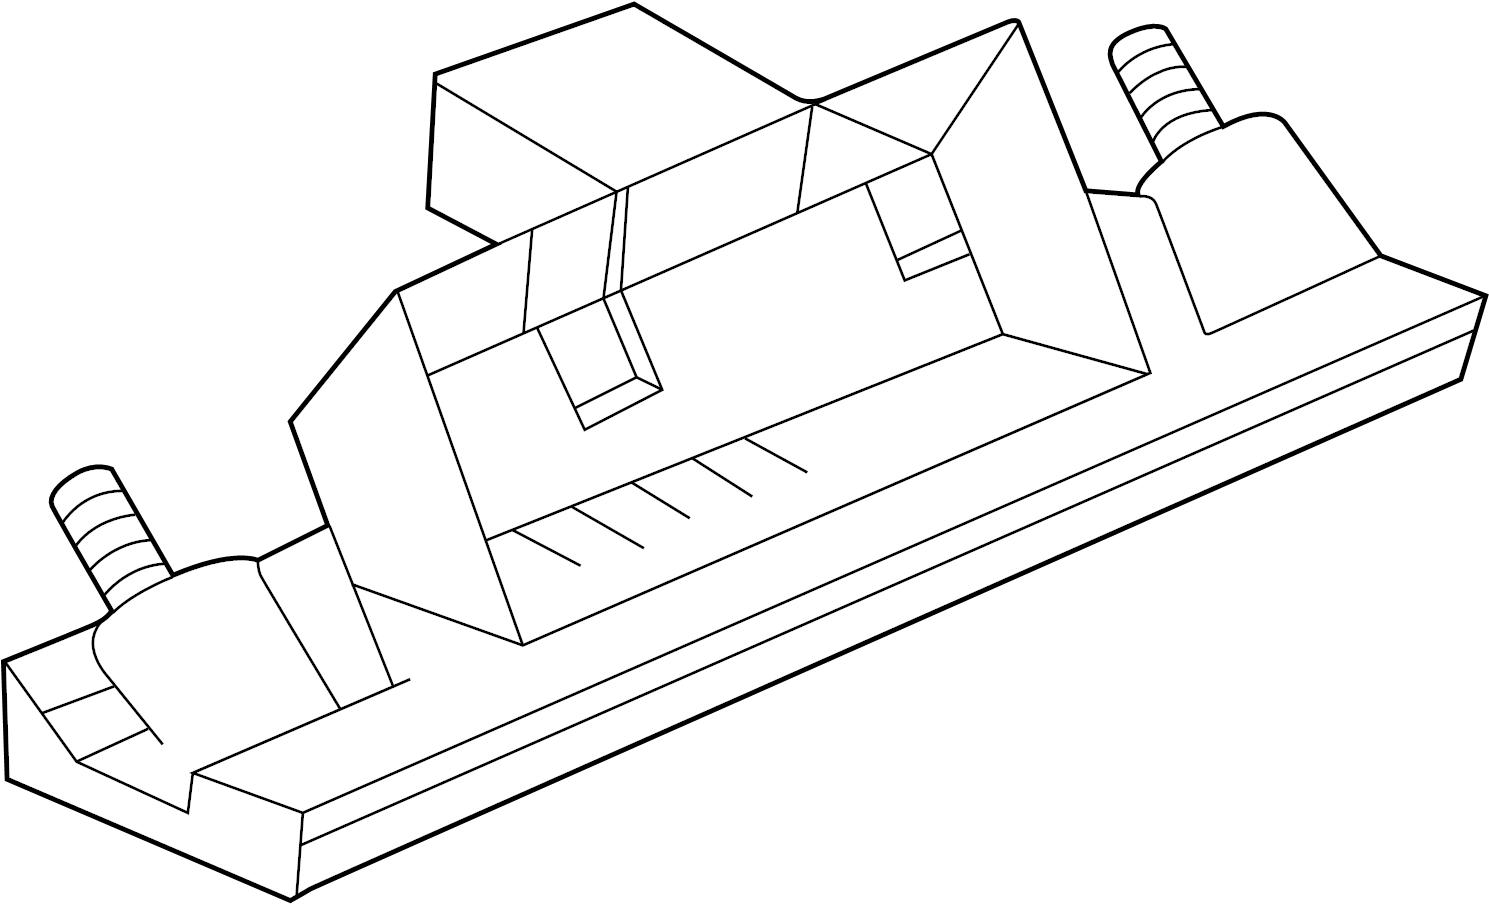 2004 audi a4 avant parts diagrams